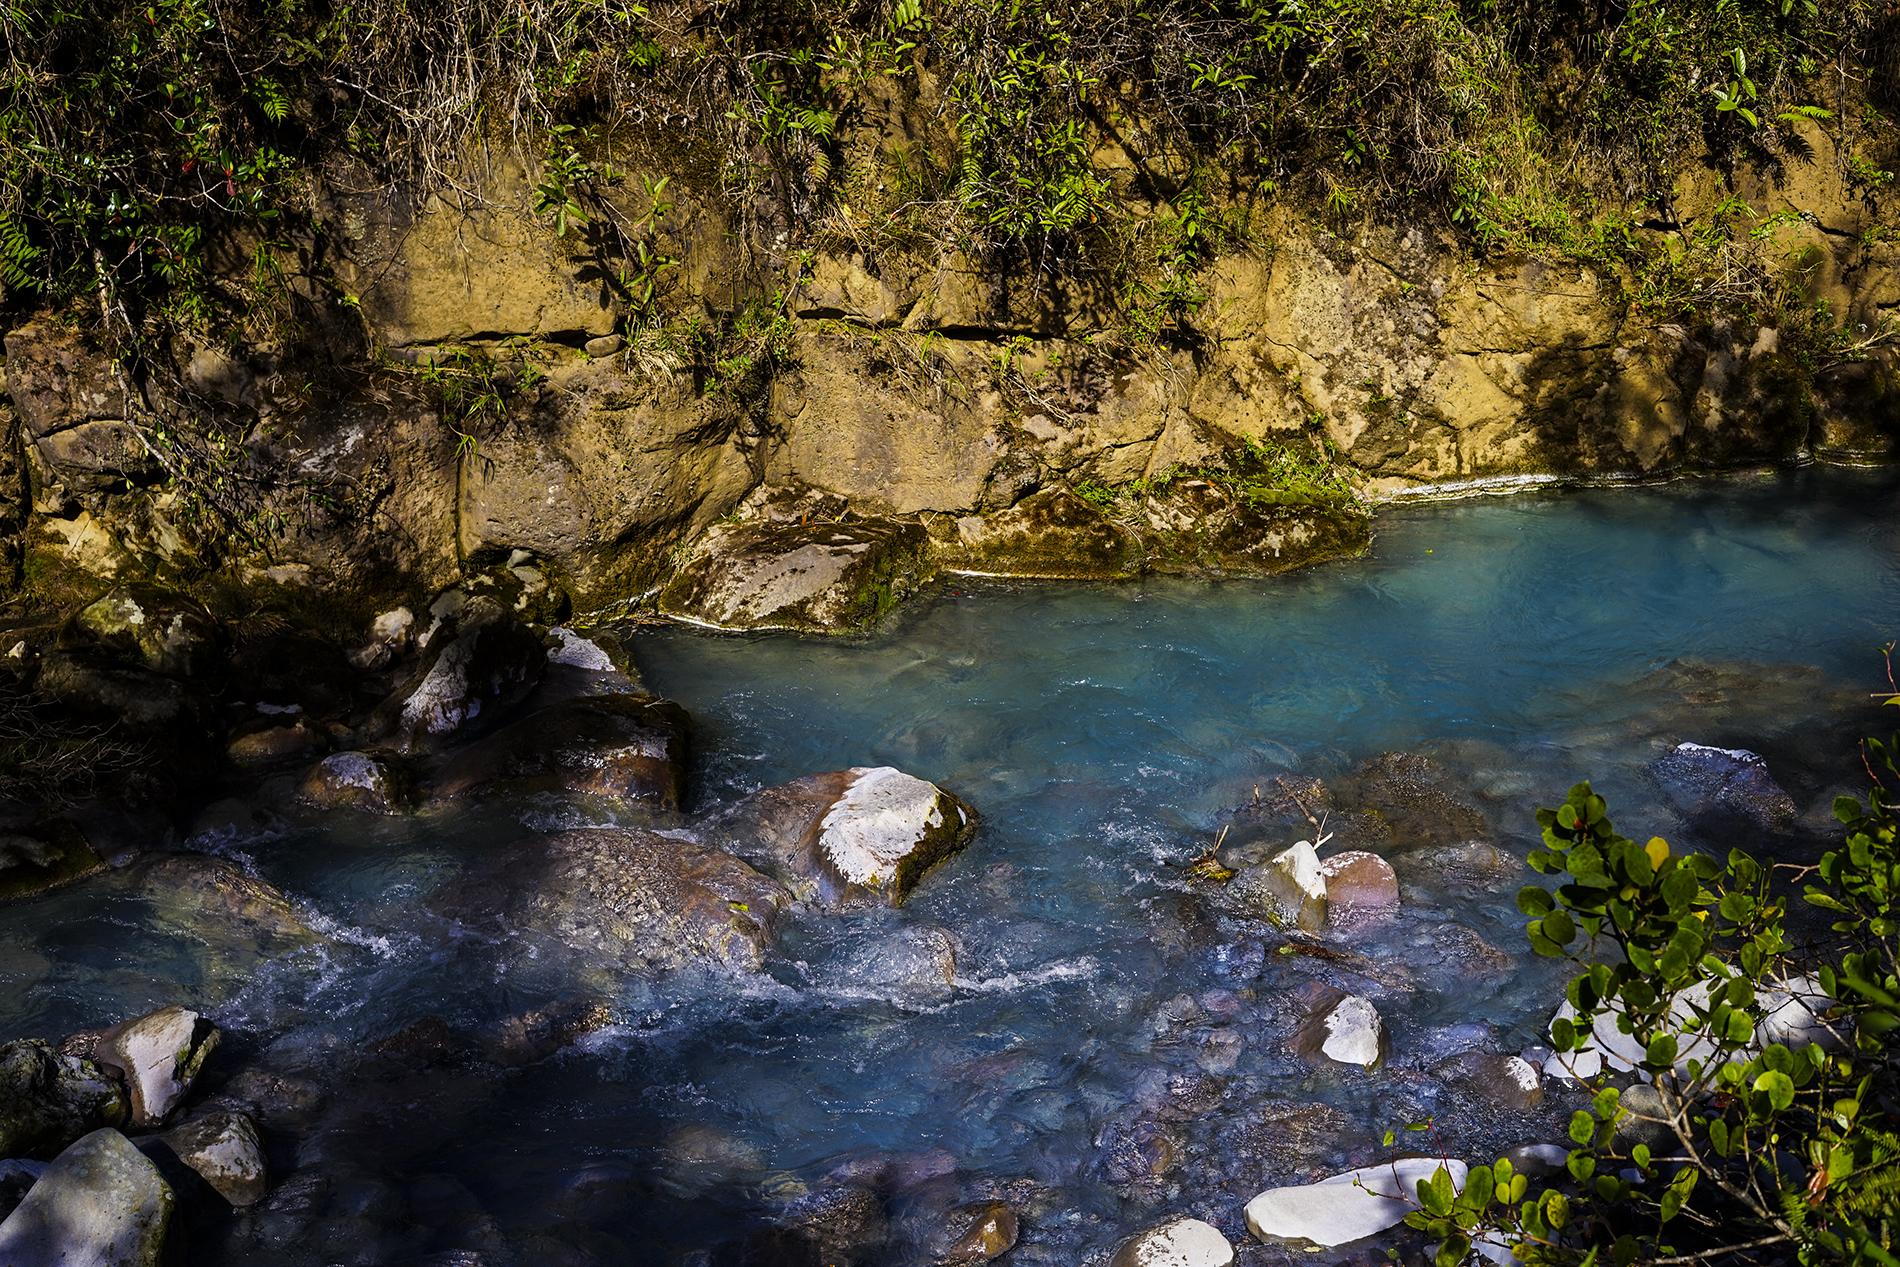 Quebrada azul